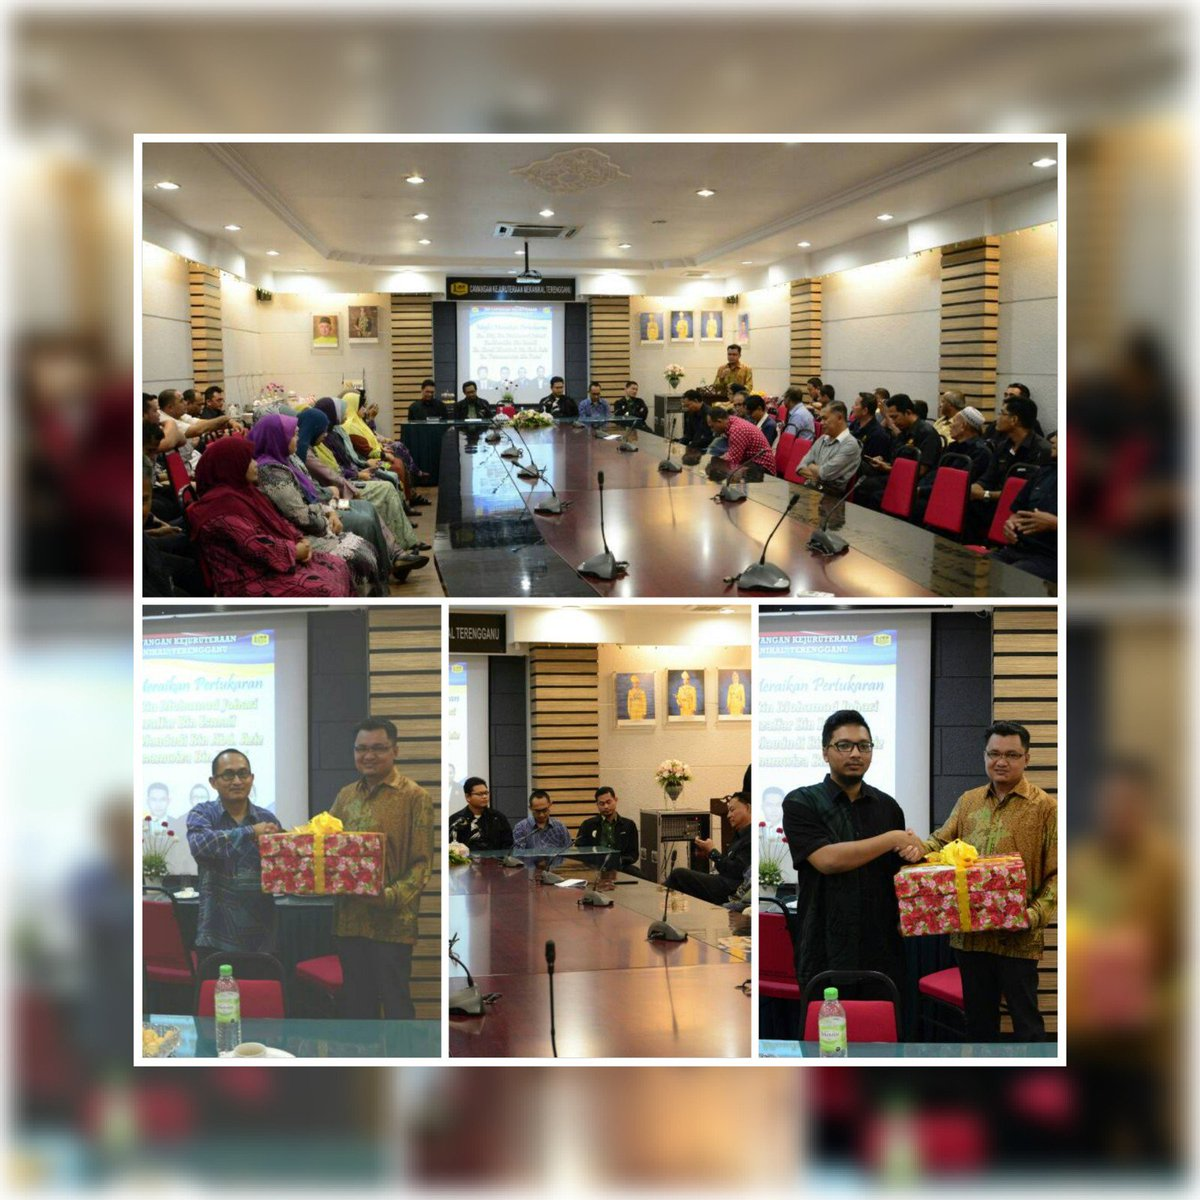 Jkr Ckm Terengganu On Twitter Majlis Perpisahan Kakitangan Jkr Mekanikal Terengganu Semoga Terus Cemerlang Di Tempat Baru Norhishaml